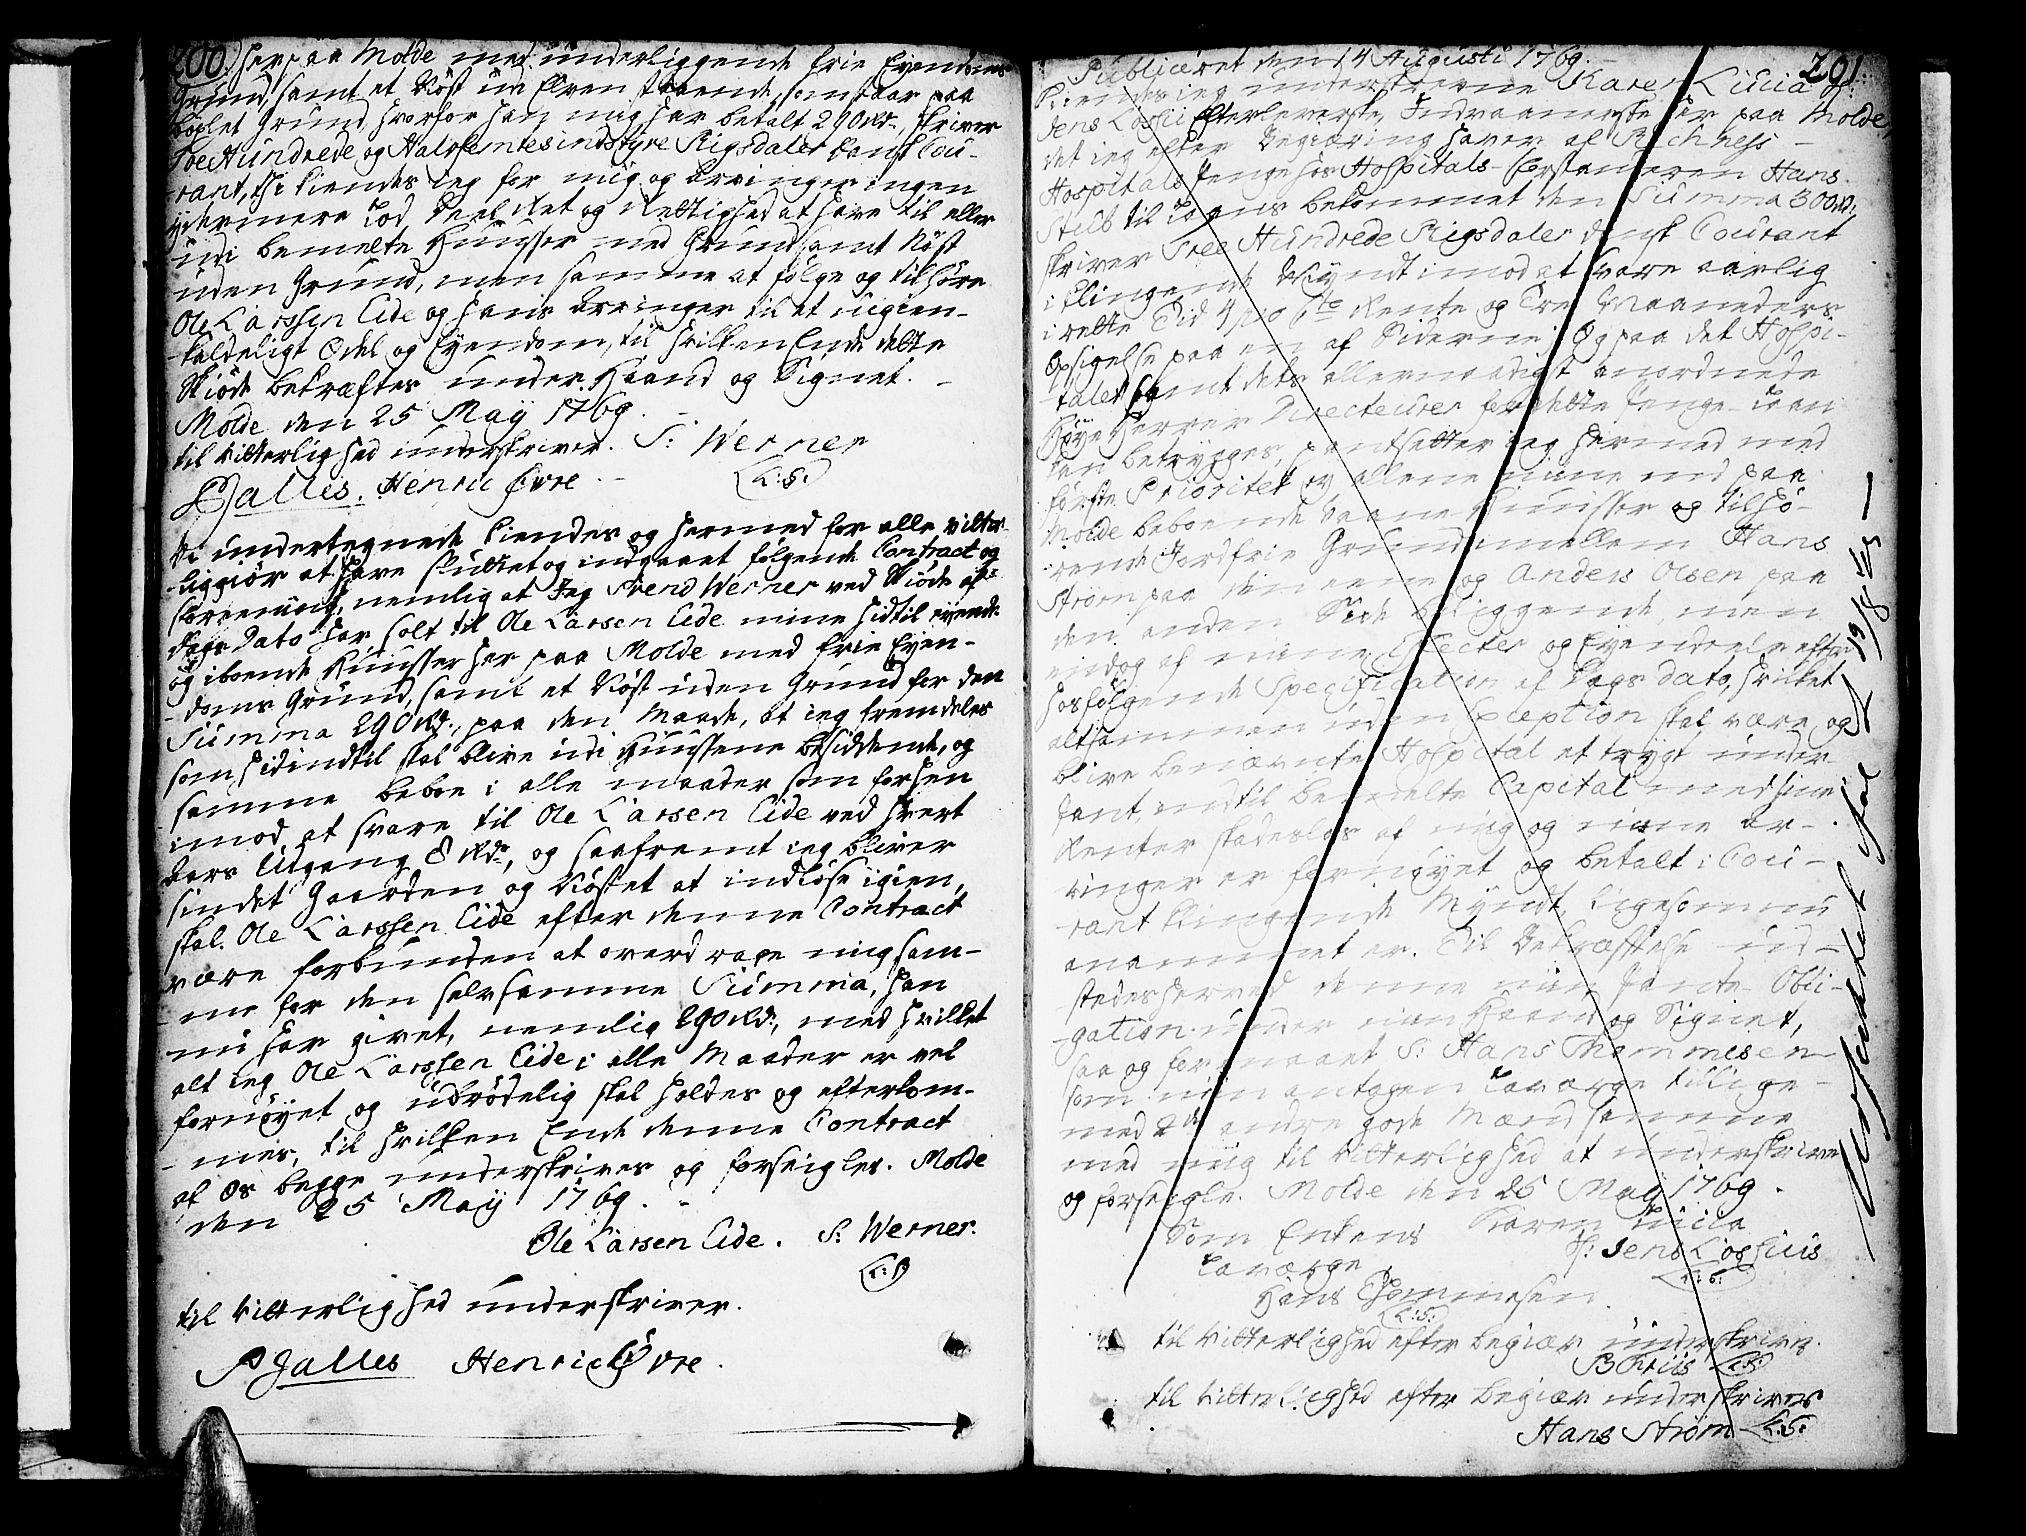 SAT, Molde byfogd, 2/2C/L0001: Mortgage book no. 1, 1748-1823, p. 200-201